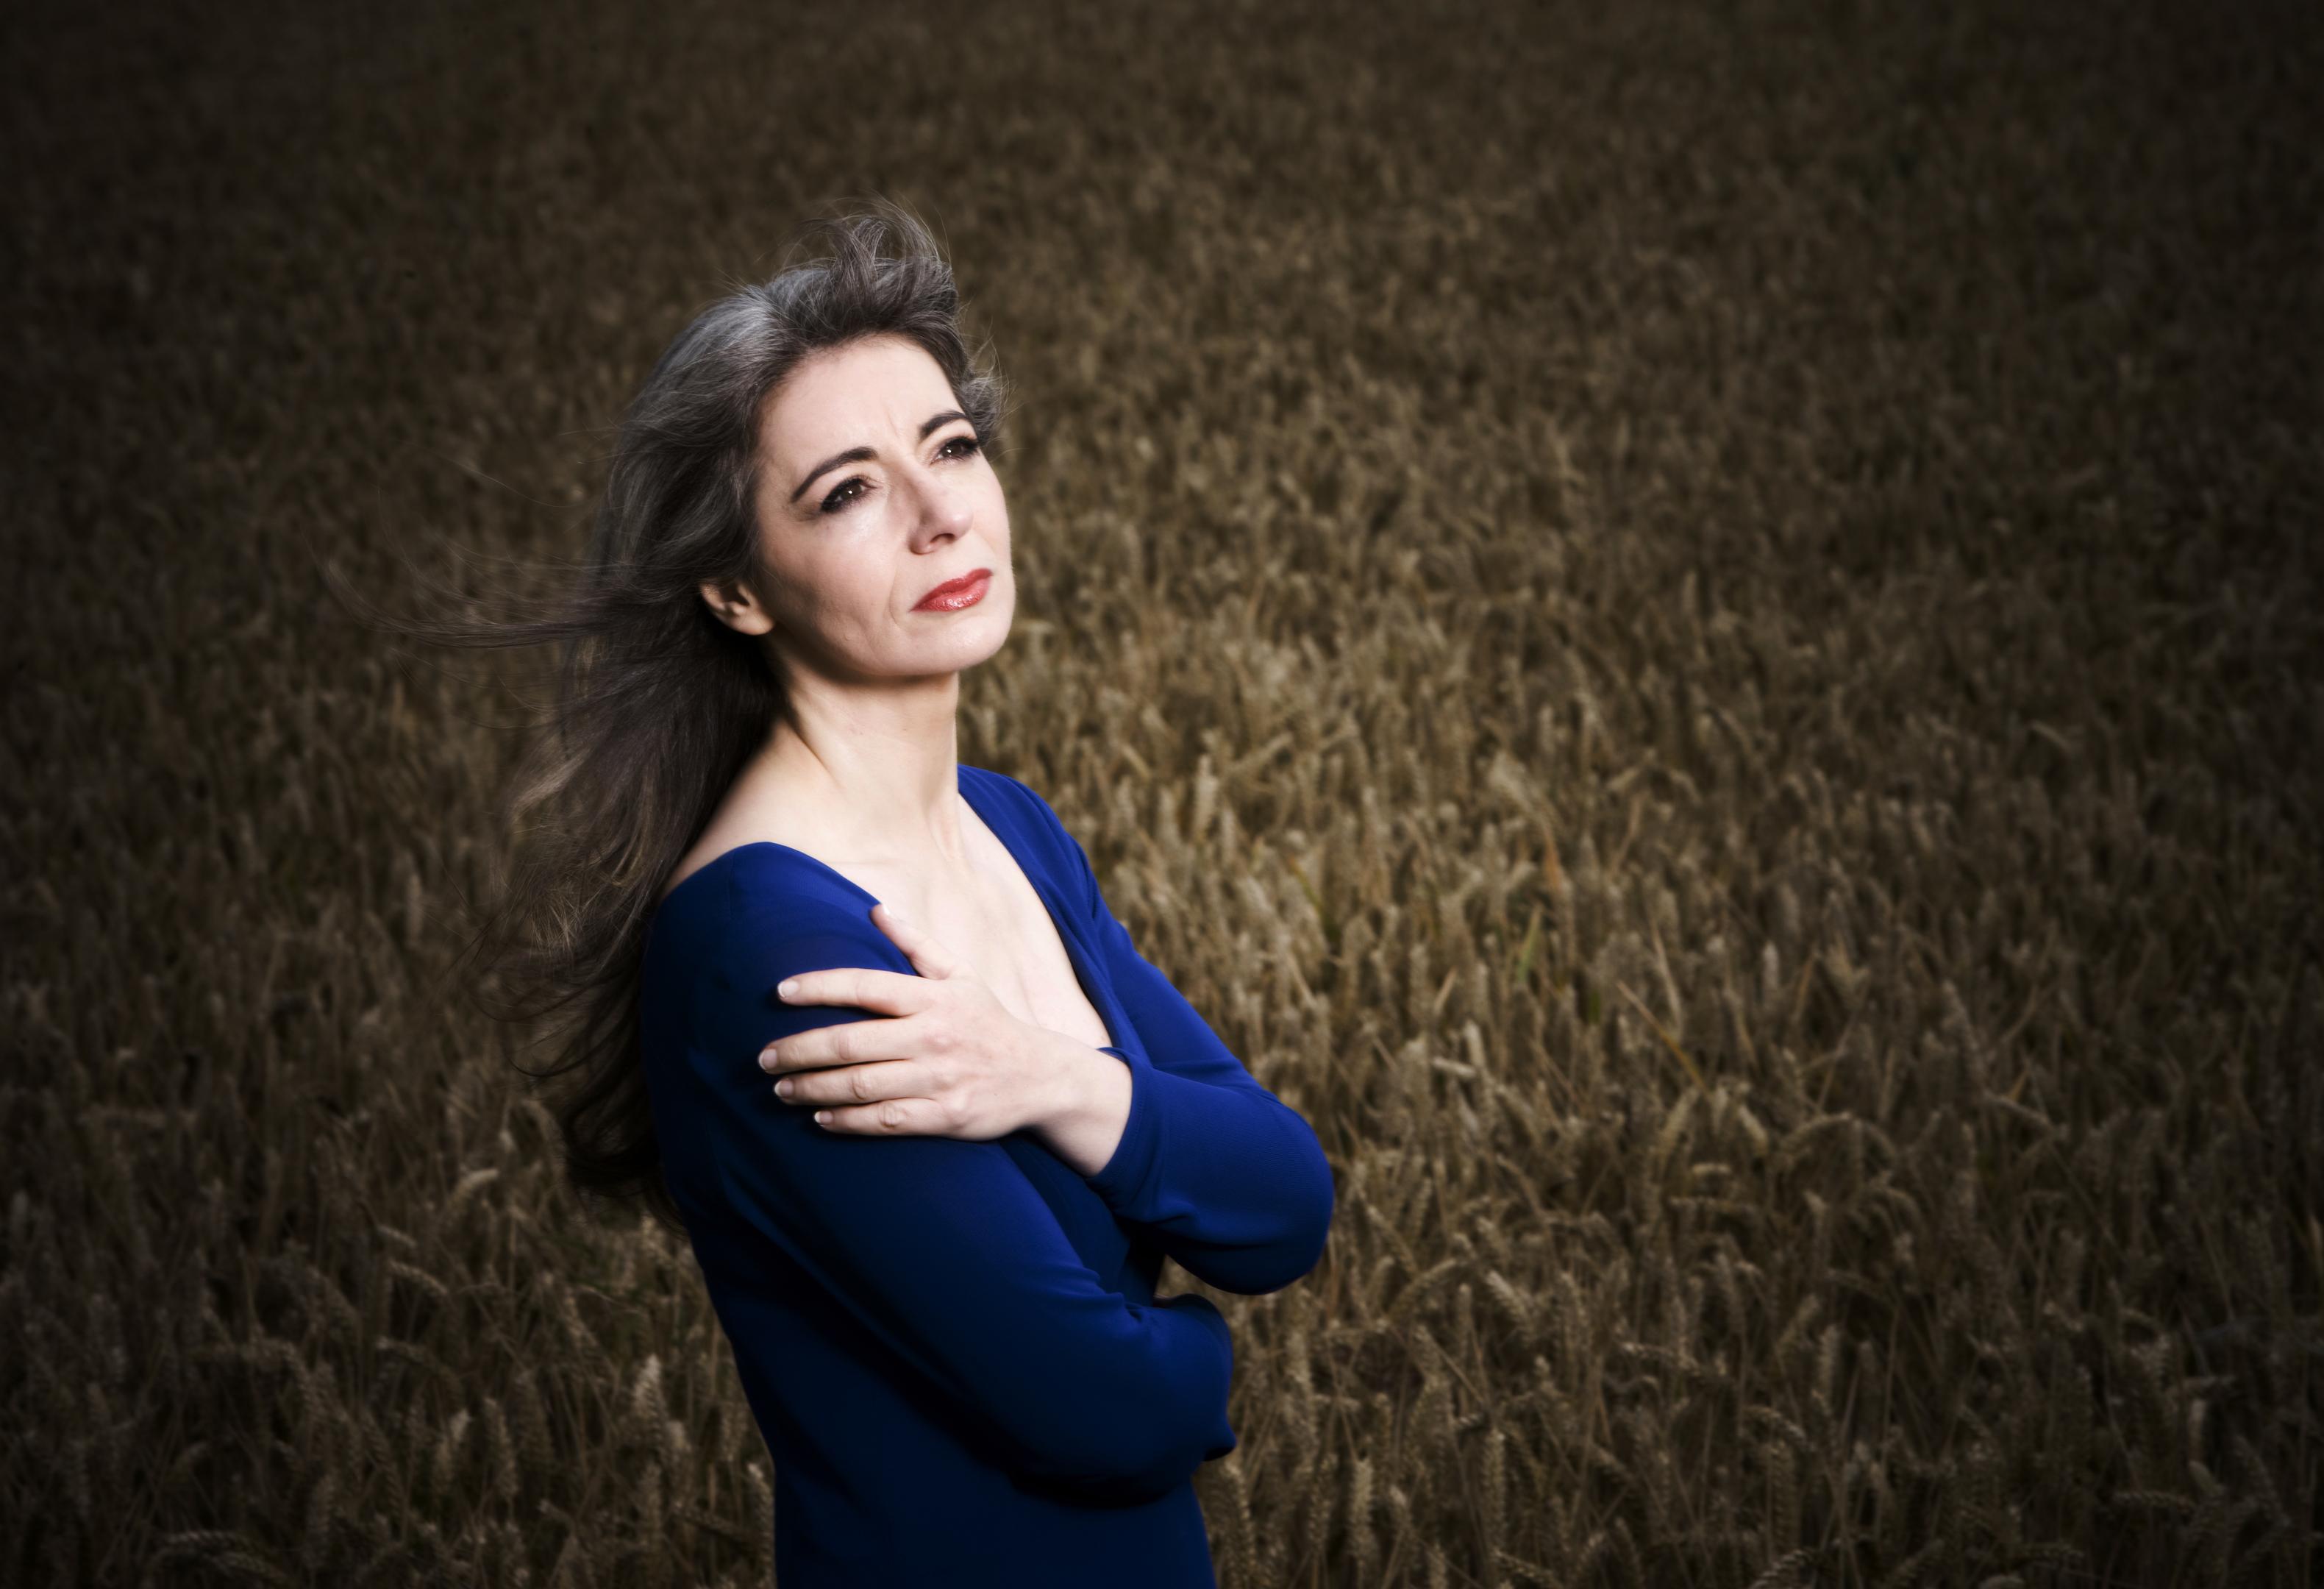 Dame Evelyn Glennie. Photo credit: Jim Callaghan